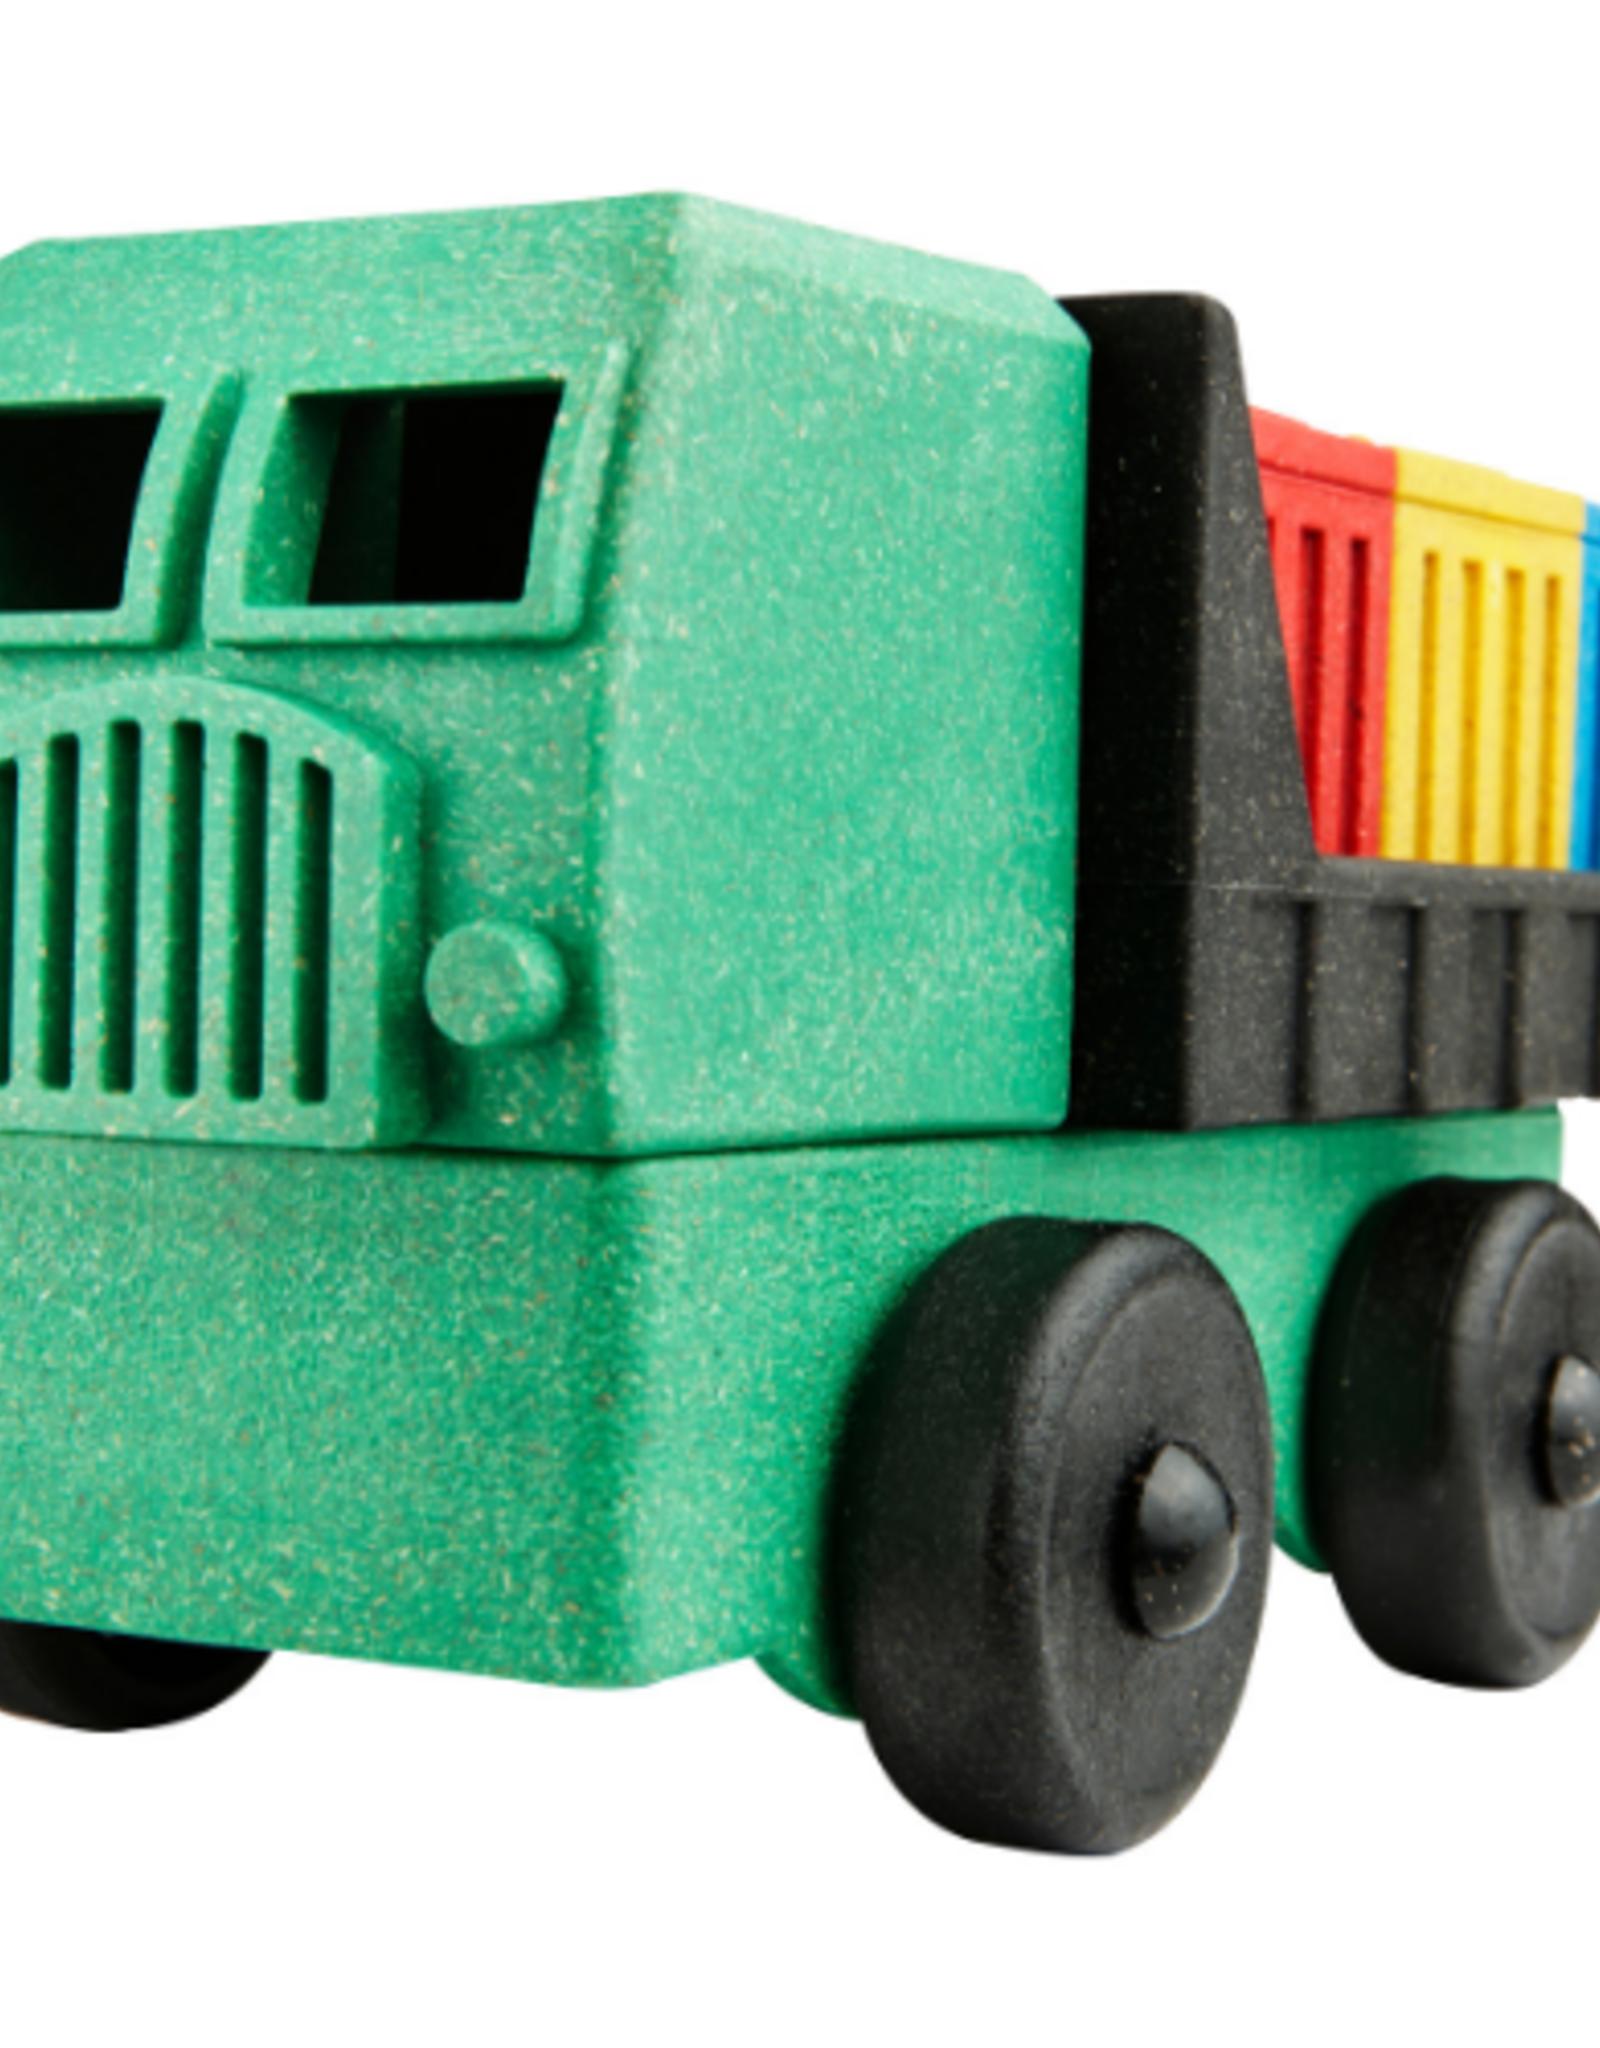 Luke's Toy Factory Cargo Truck